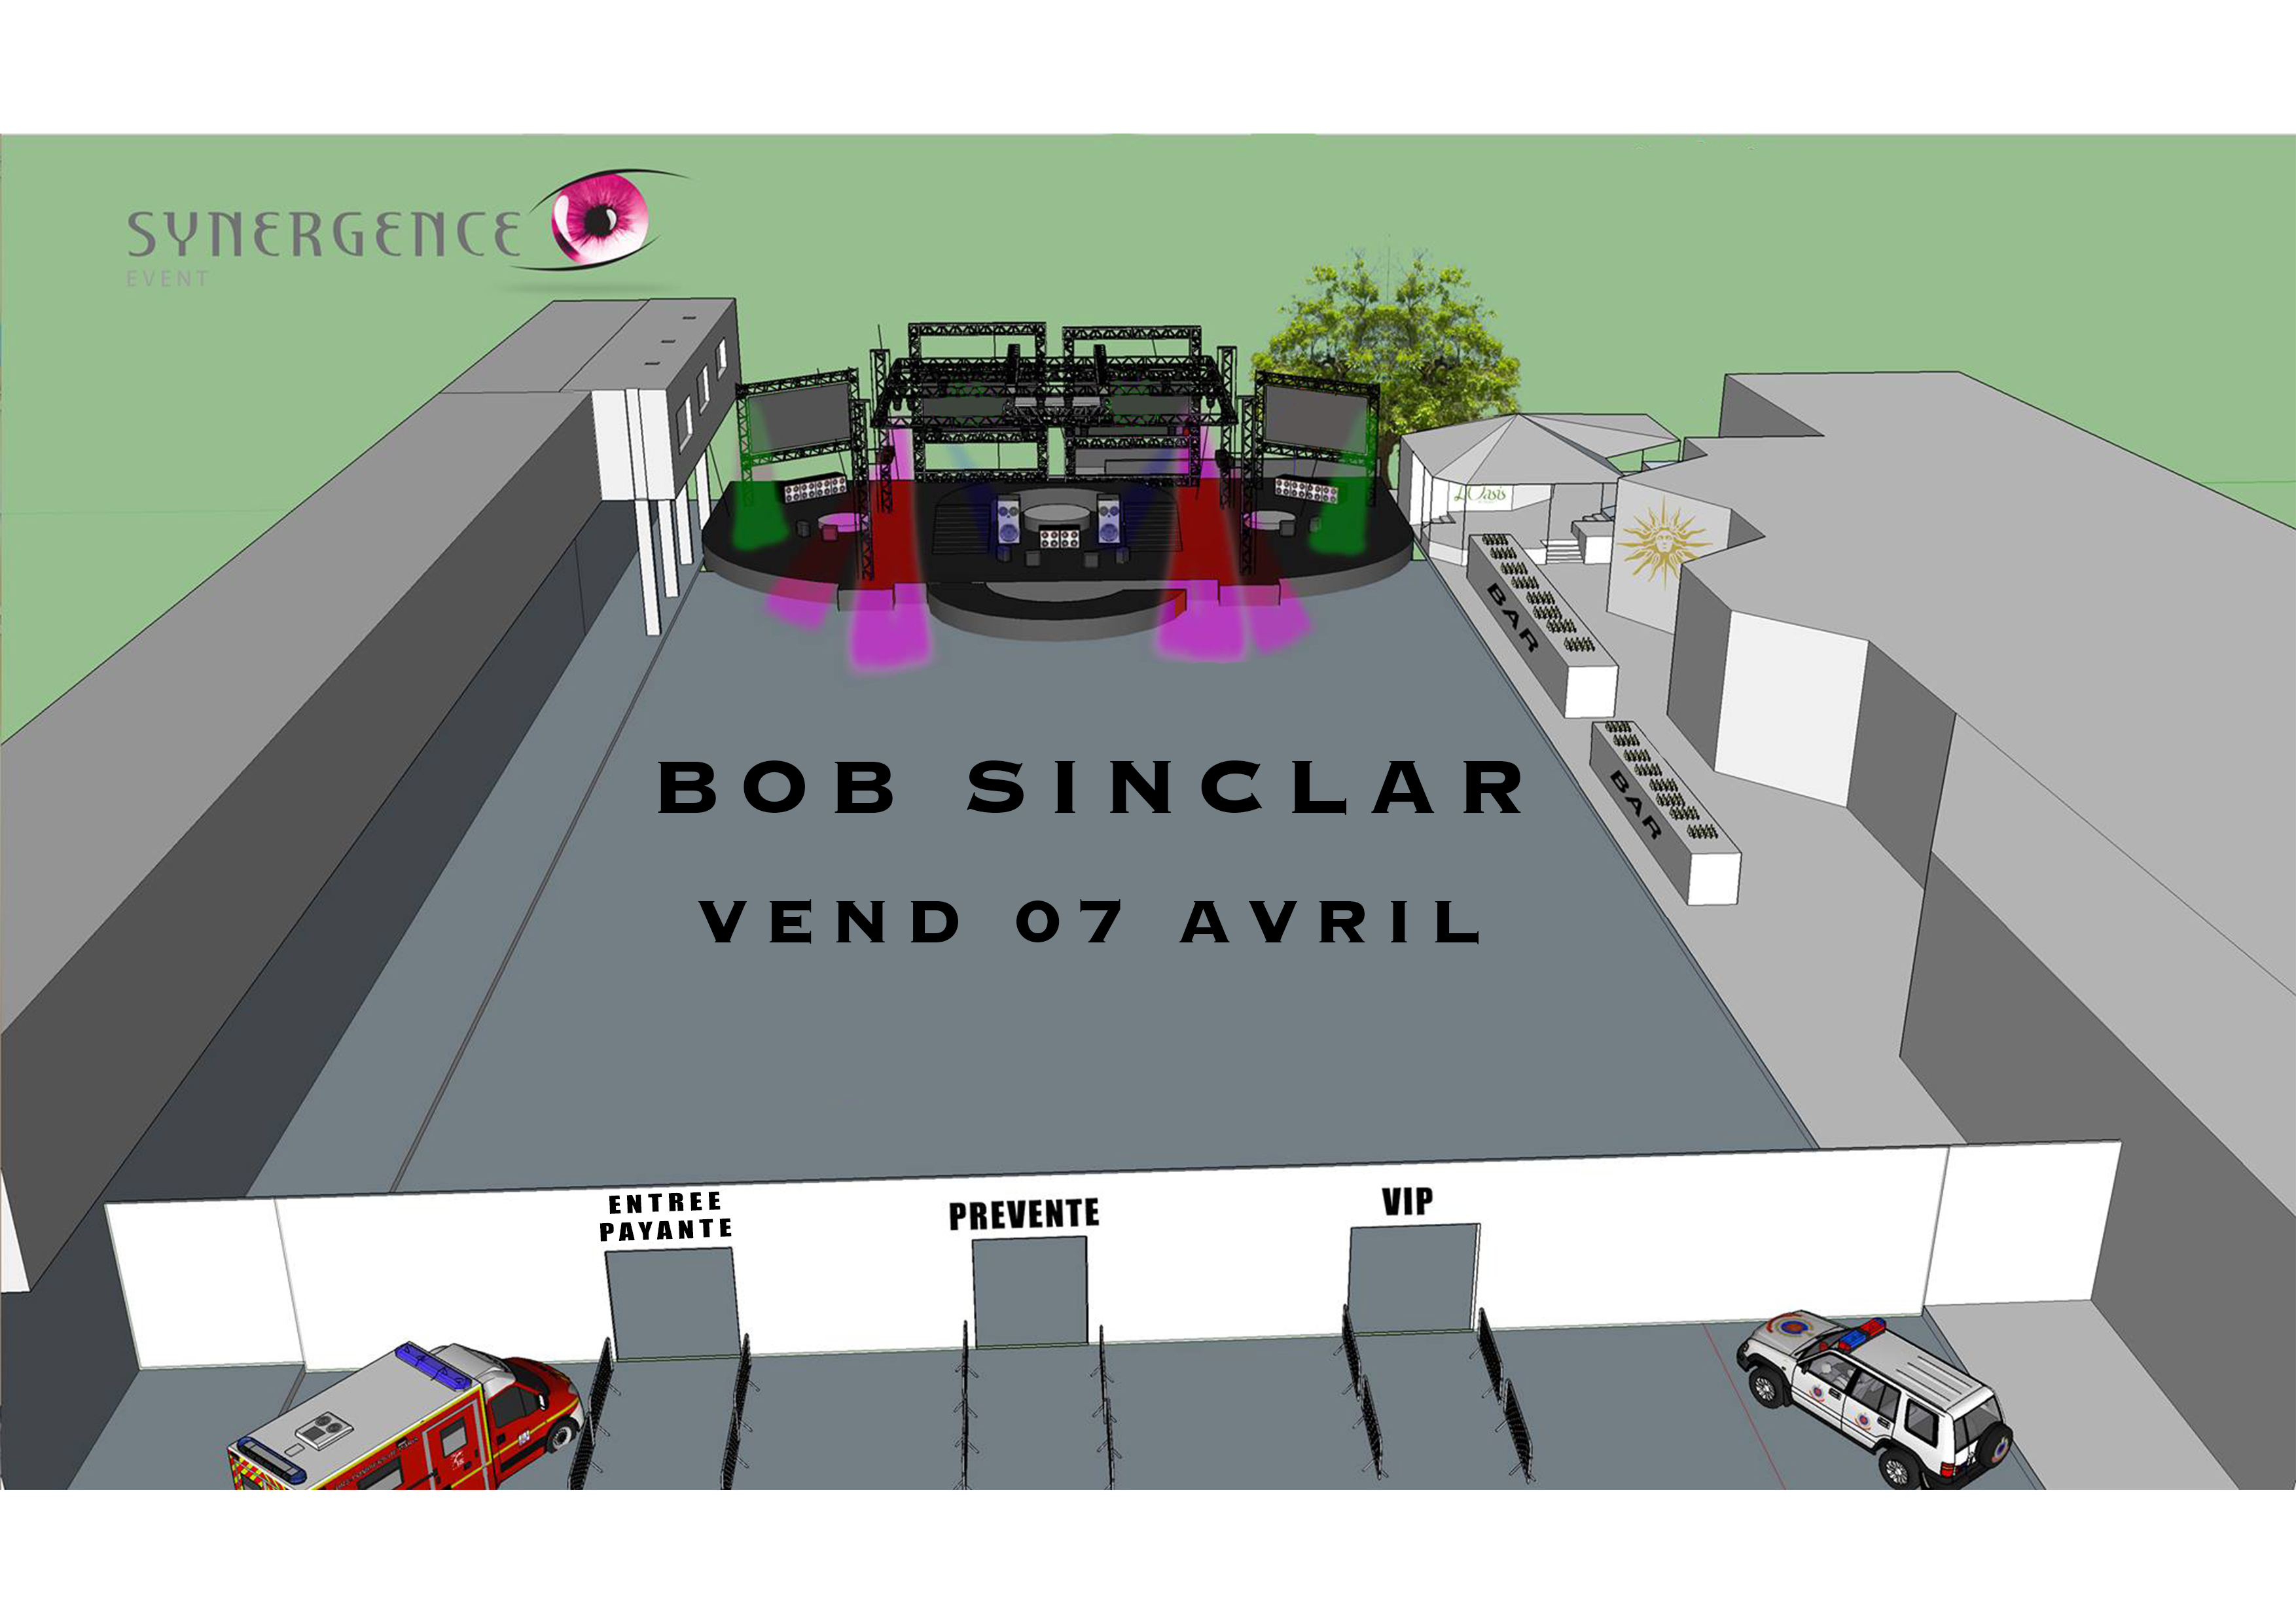 Pour l'événement, la rue Jeanne-d'Arc sera bloquée et une scène géante sera installée pour accueillir Bob Sinclar et des DJs locaux.